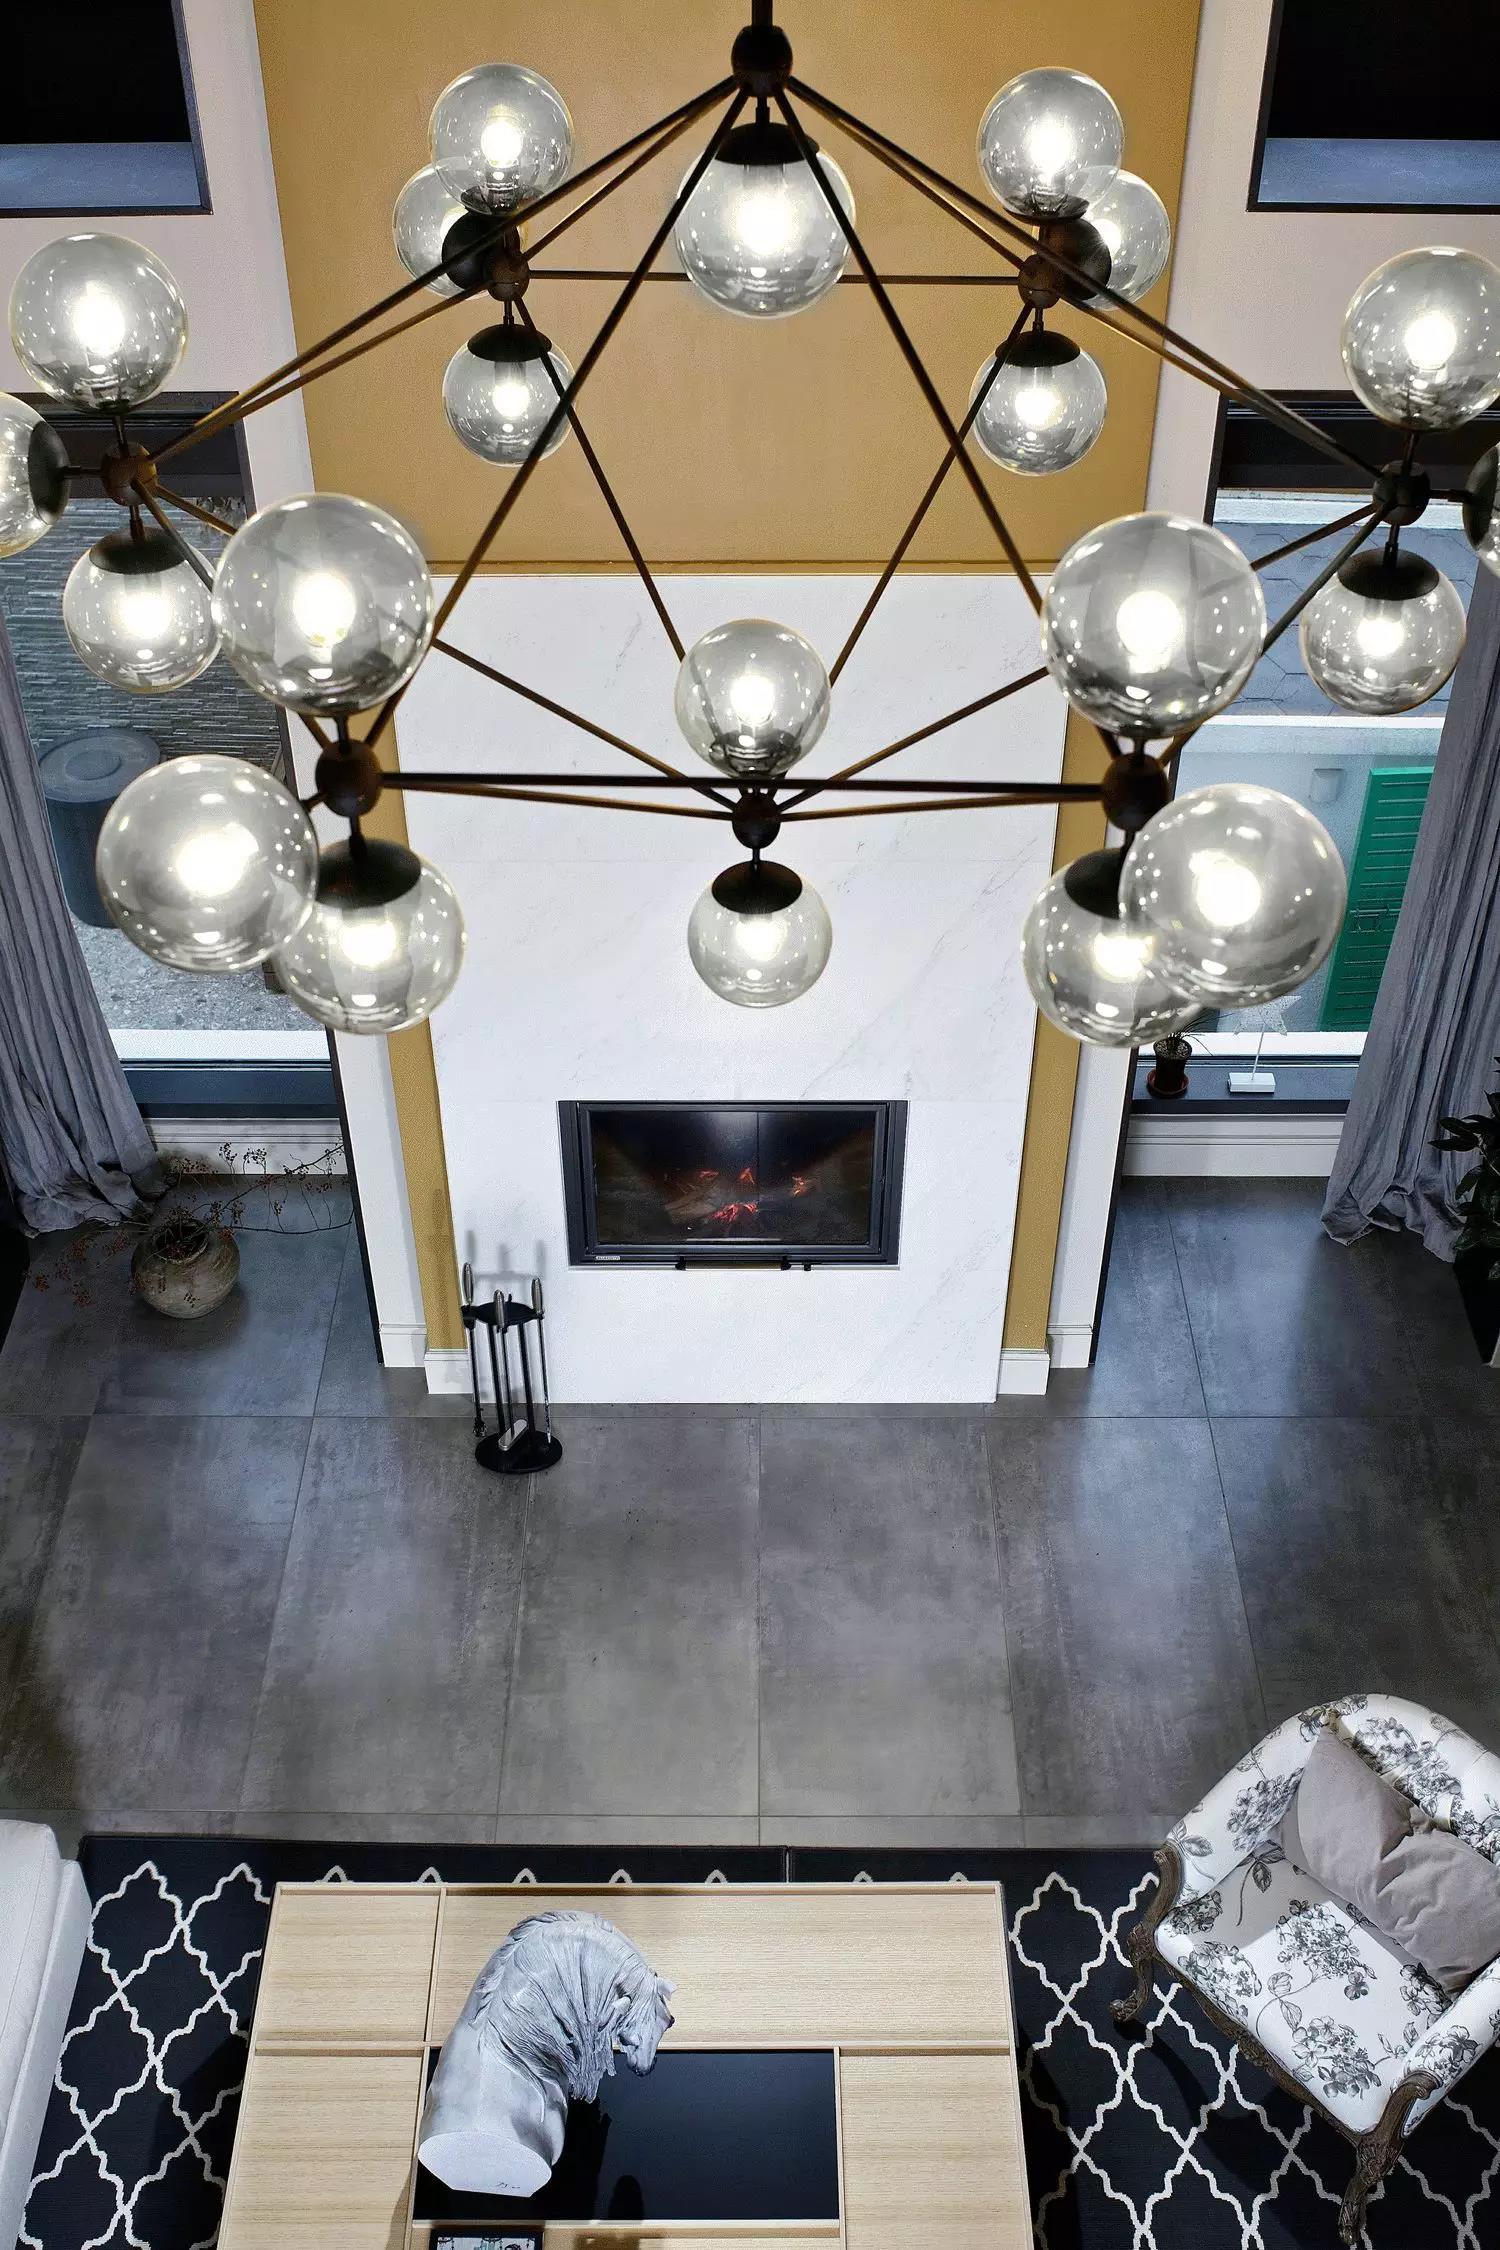 简约休闲别墅装修客厅吊灯设计效果图